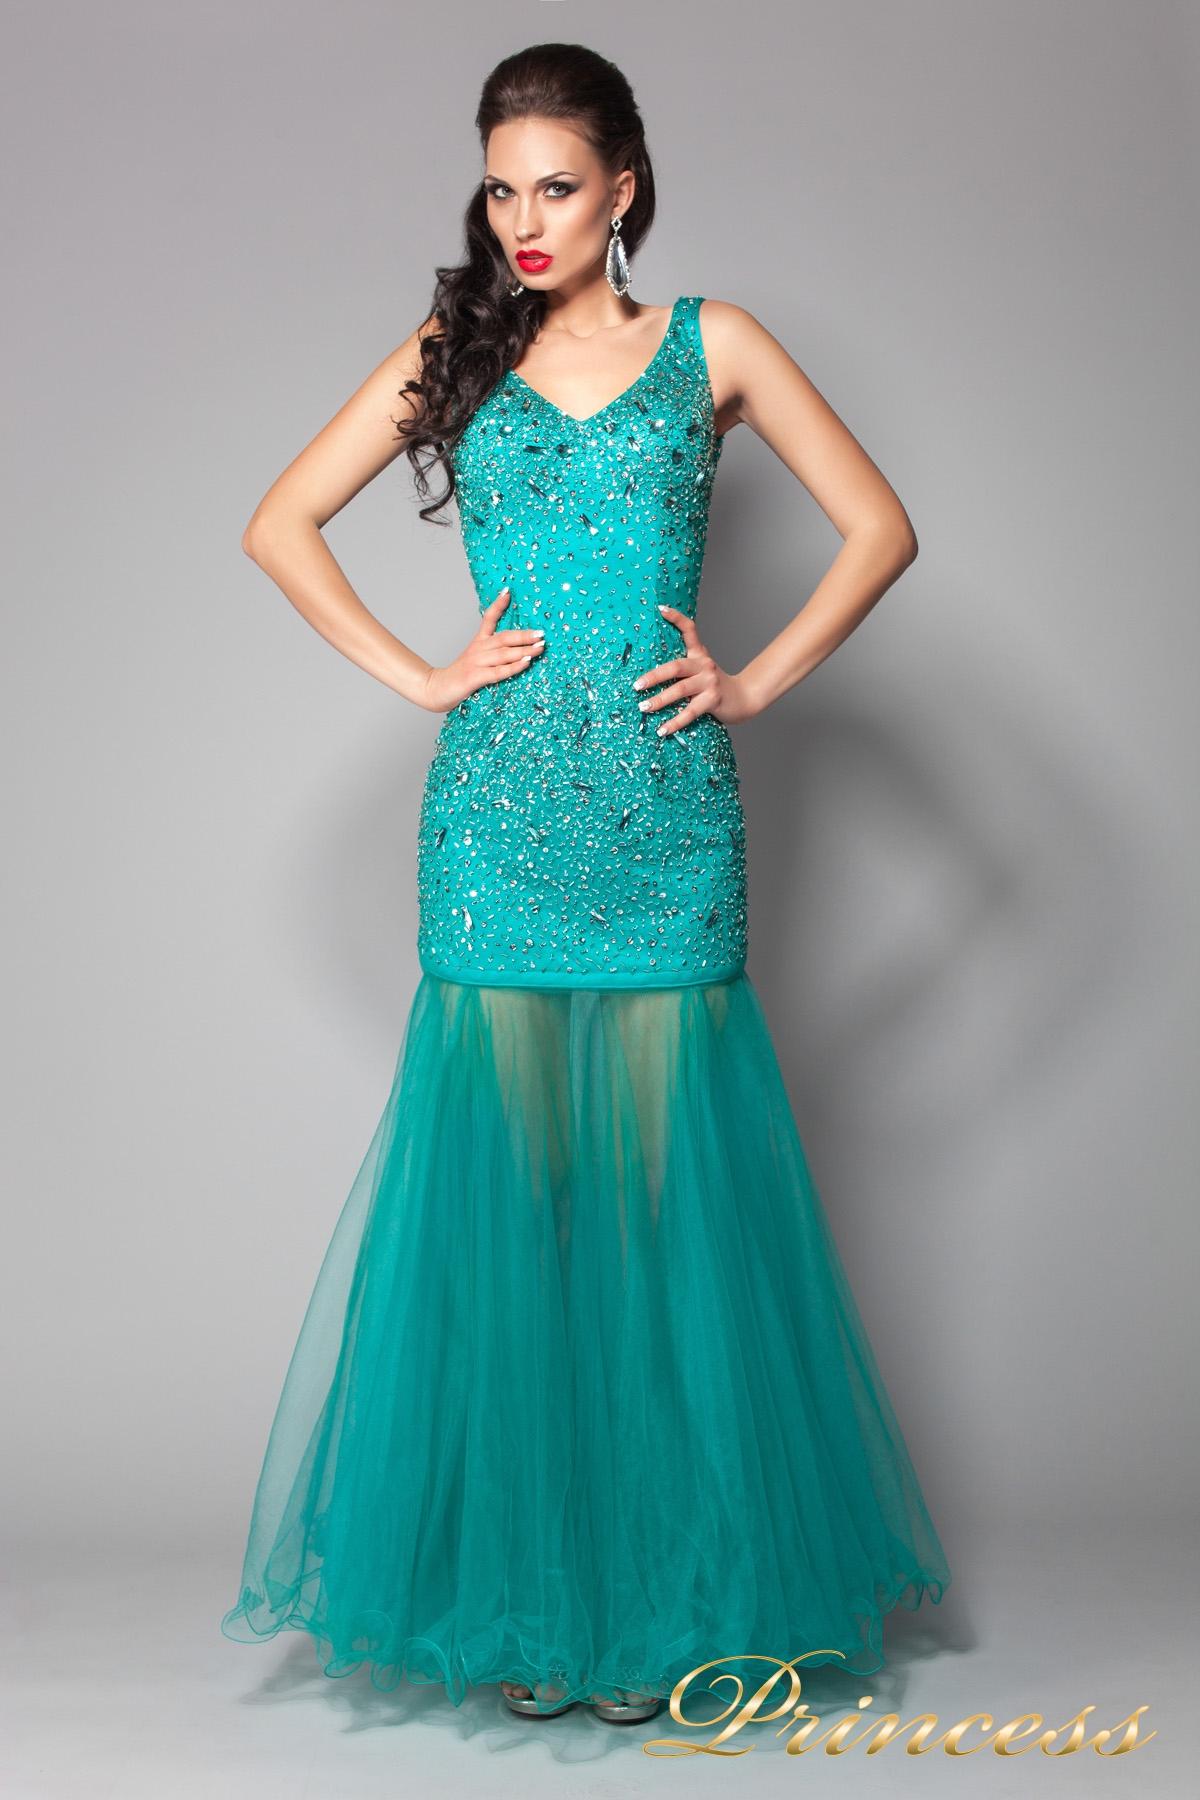 203ee639a68 Купить вечернее платье 96139lg зеленого цвета по цене 15000 руб. в ...